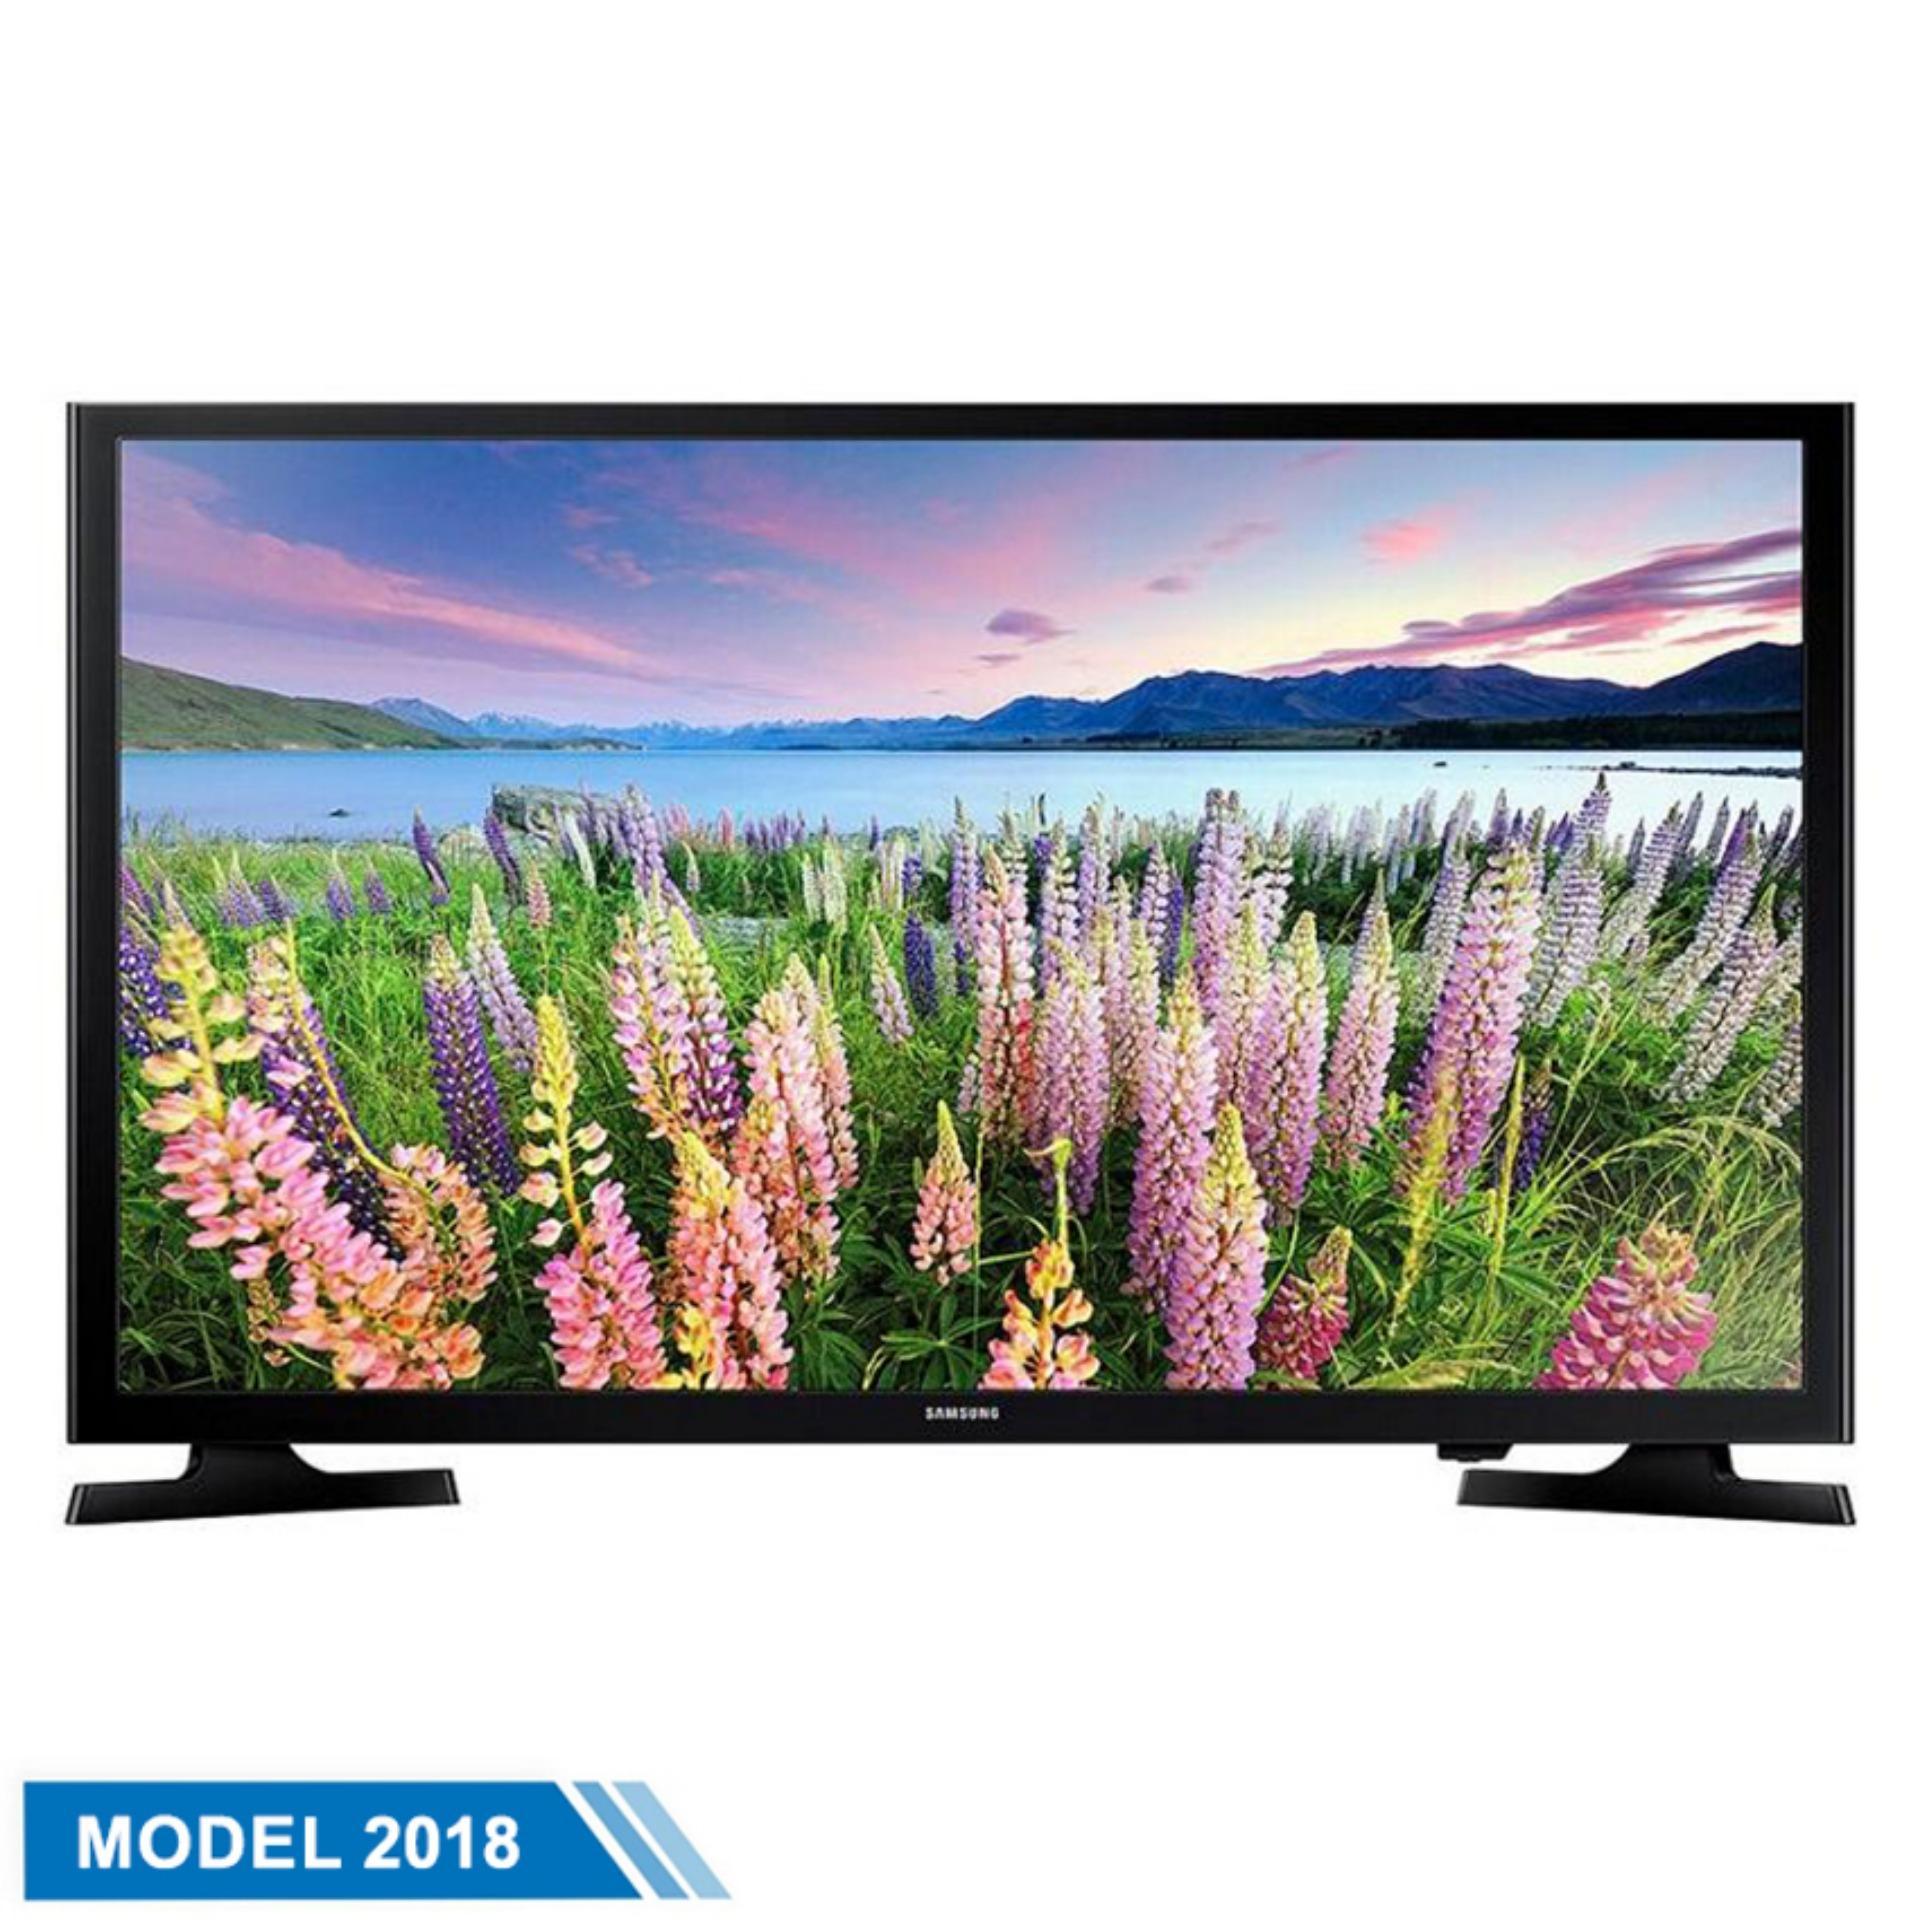 Smart TV Samsung  40inch Full HD - Model UA40J5250DKXXV (Đen) - Hãng phân phối chính thức